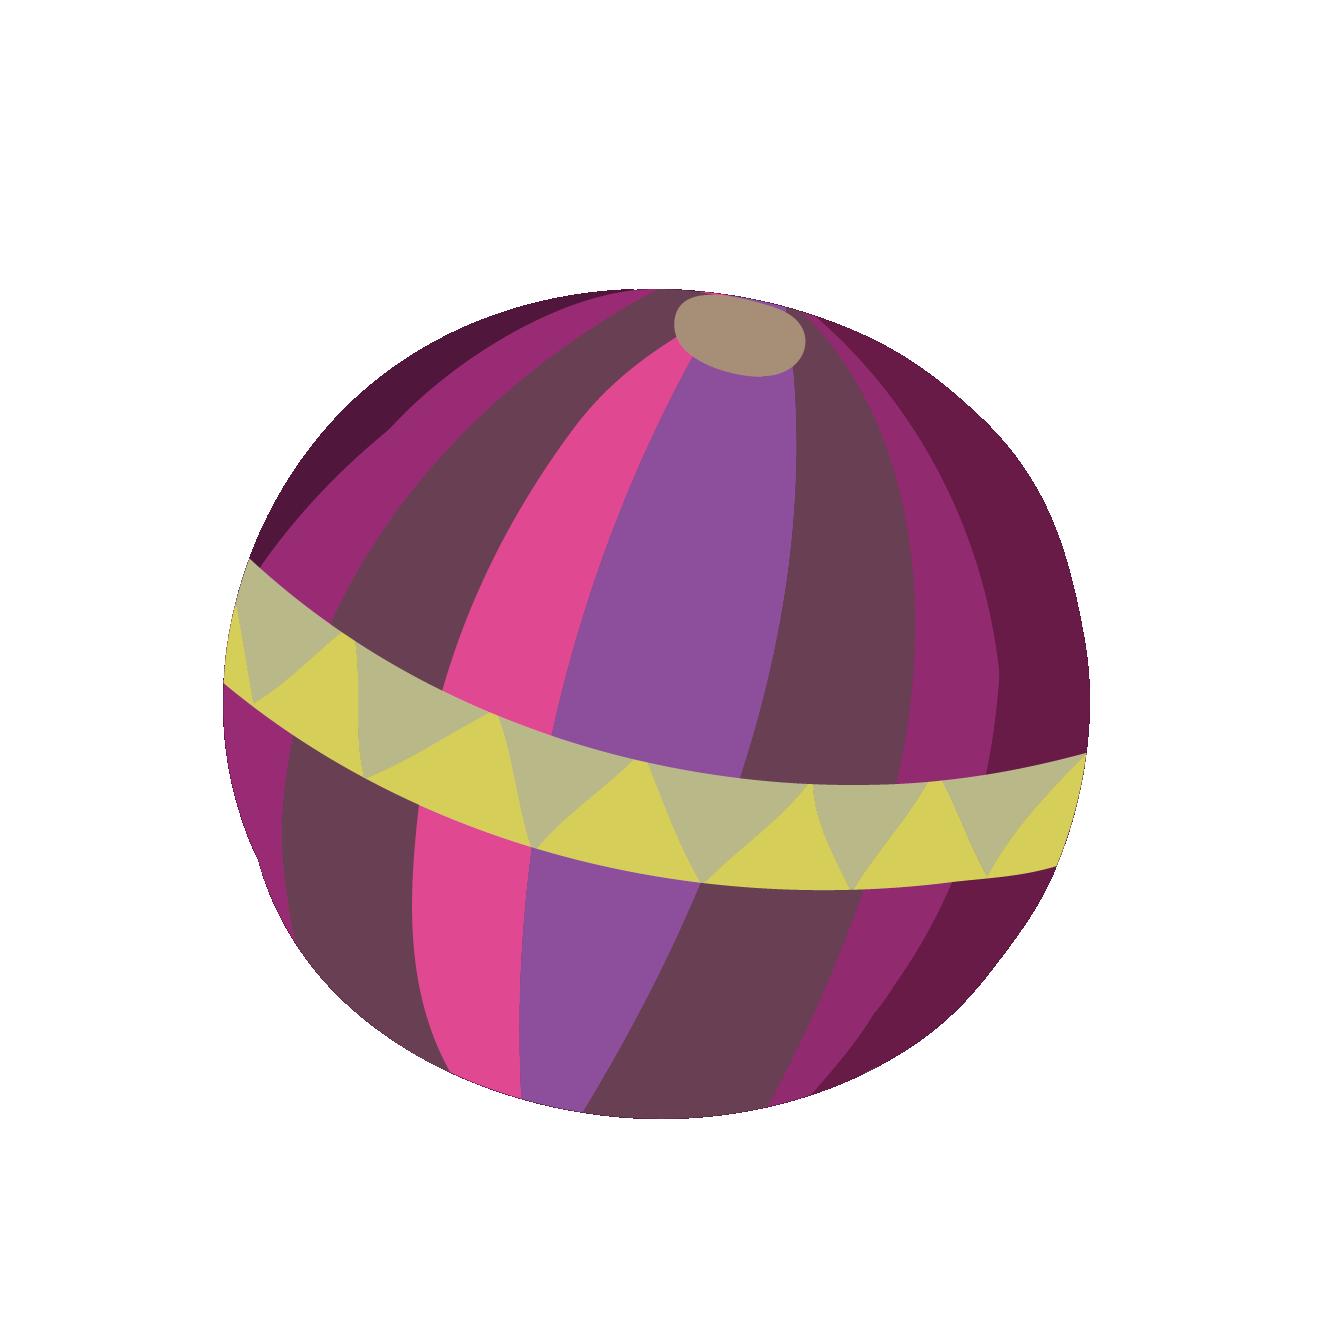 鞠(まり)のイラスト【正月・子供・球・ボール】